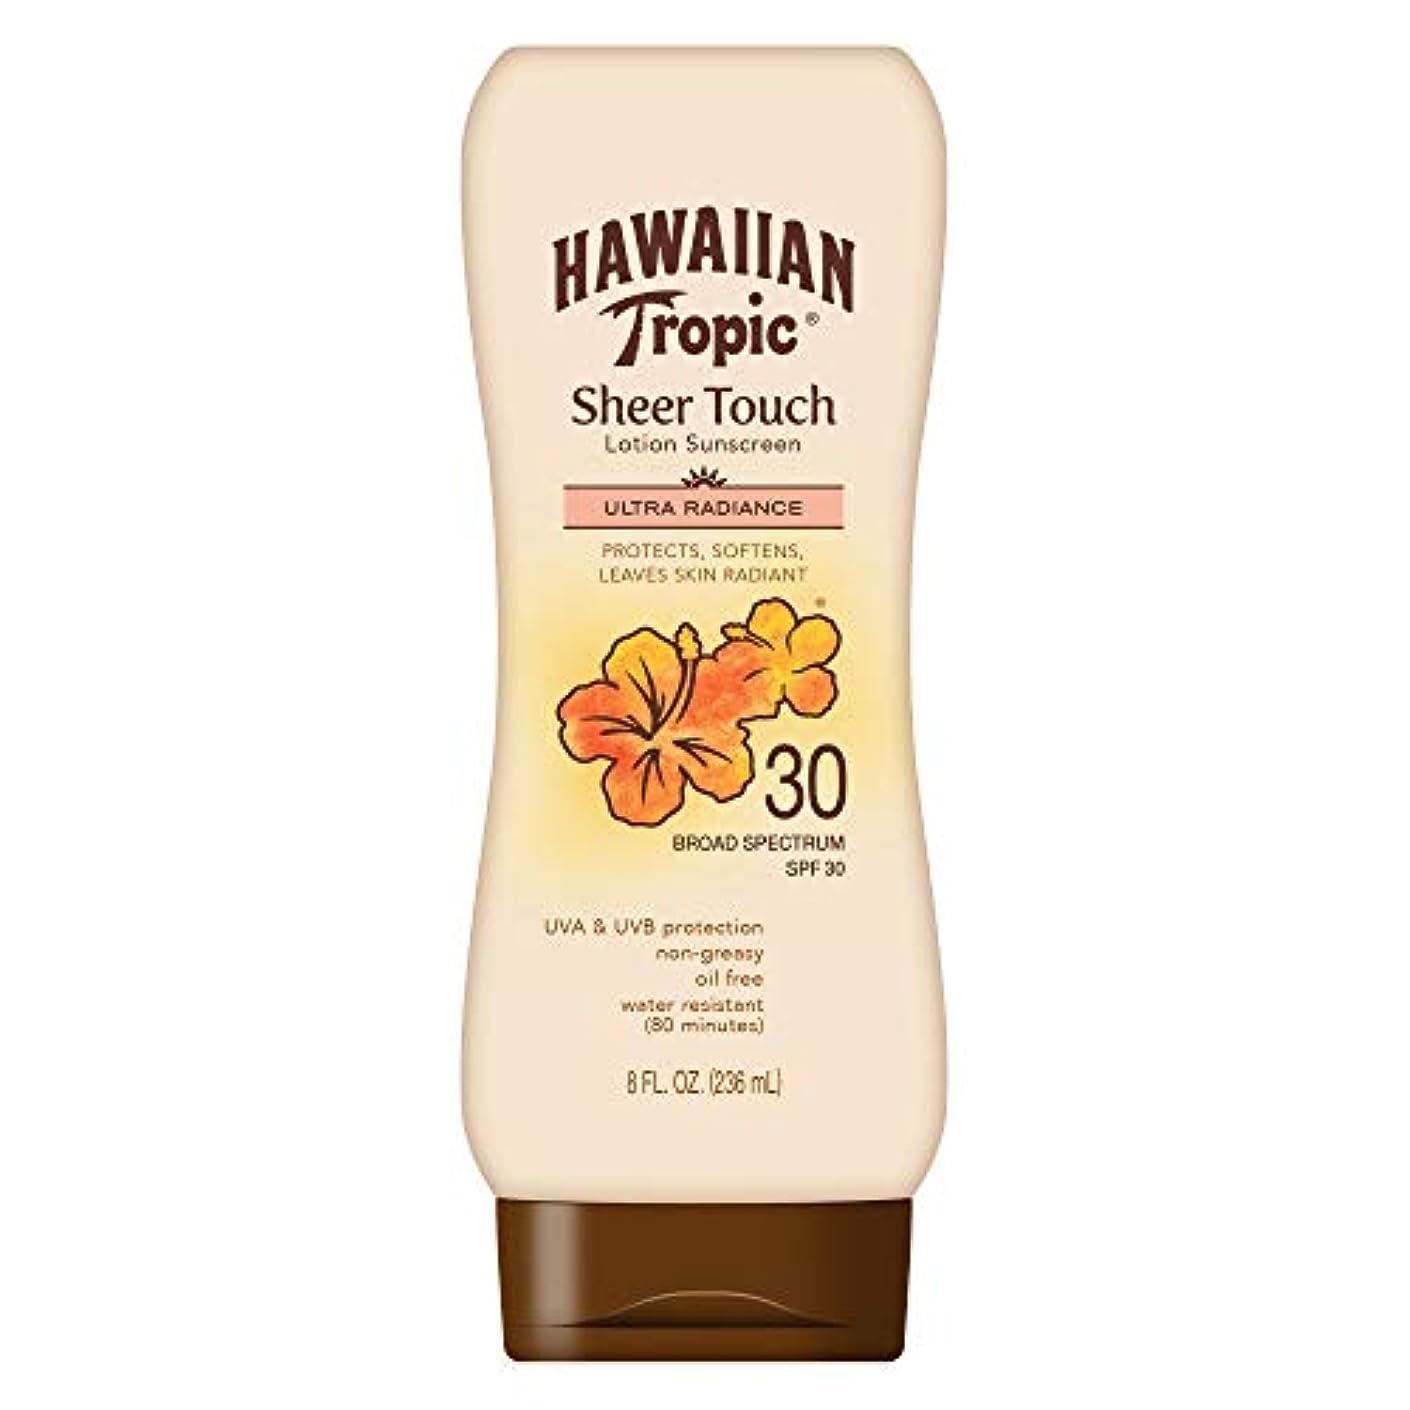 イルフラップ動くHawaiian Tropic Sheer Touch Sunscreen Lotion SPF 30 -- 8 fl oz by Hawaiian Tropic